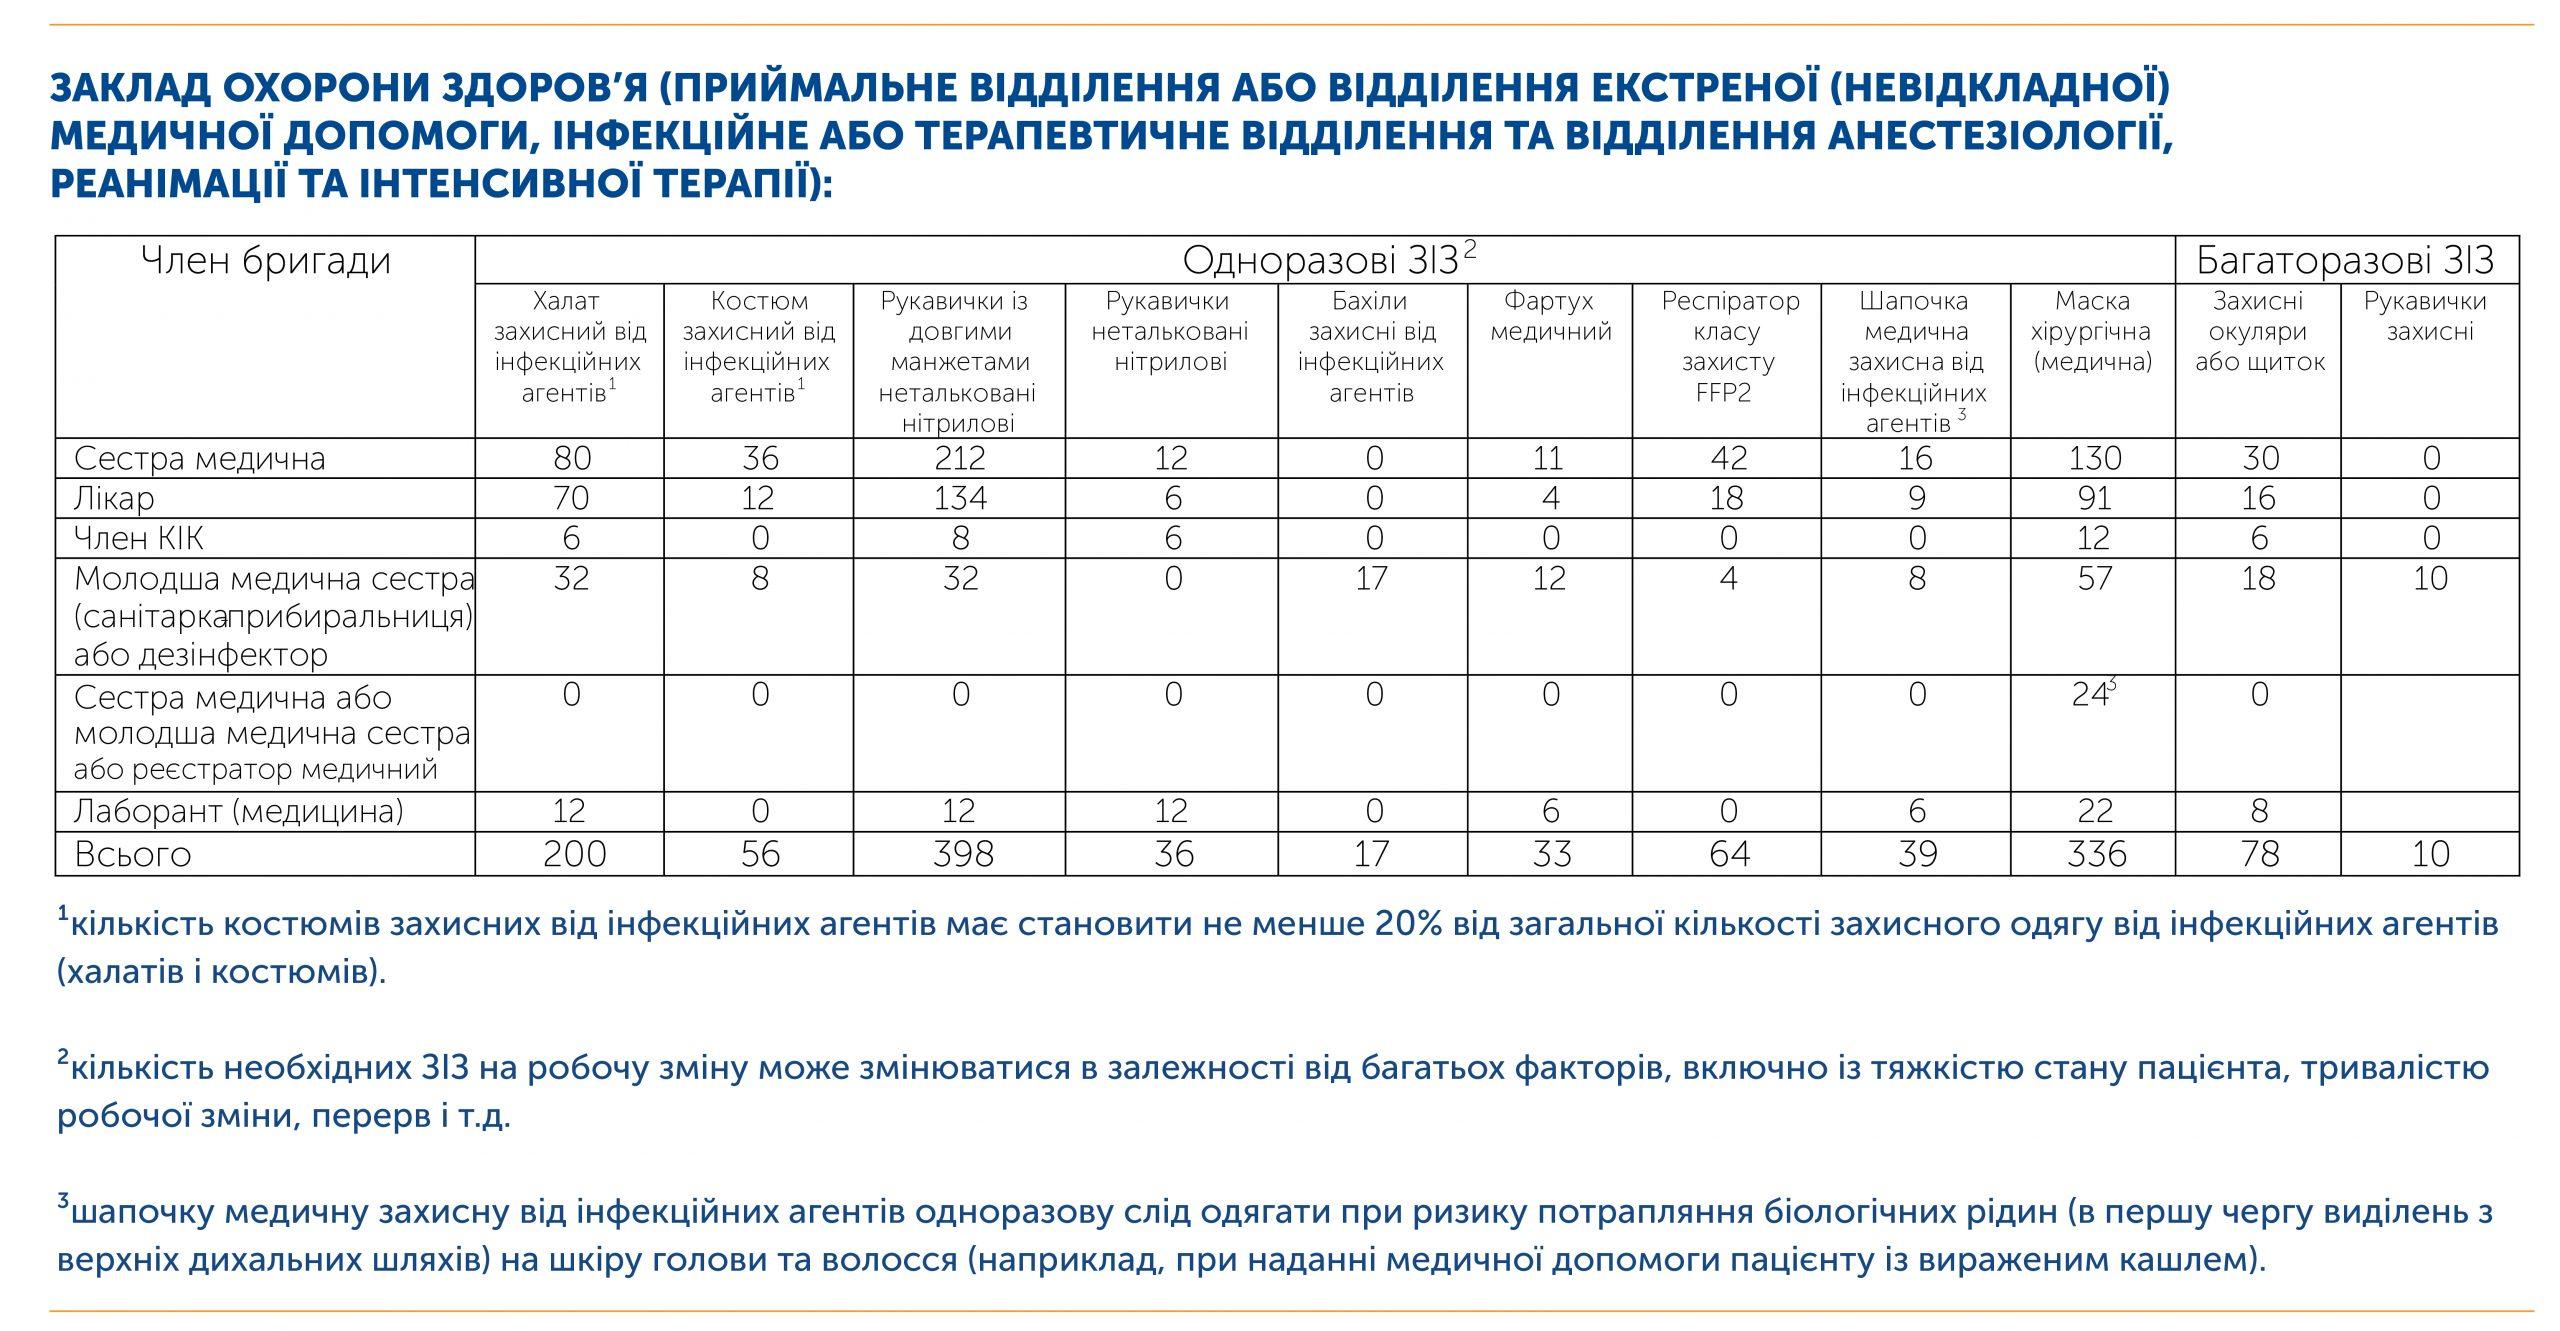 Розрахунок запасів ЗІЗ для стаціонарного відділення